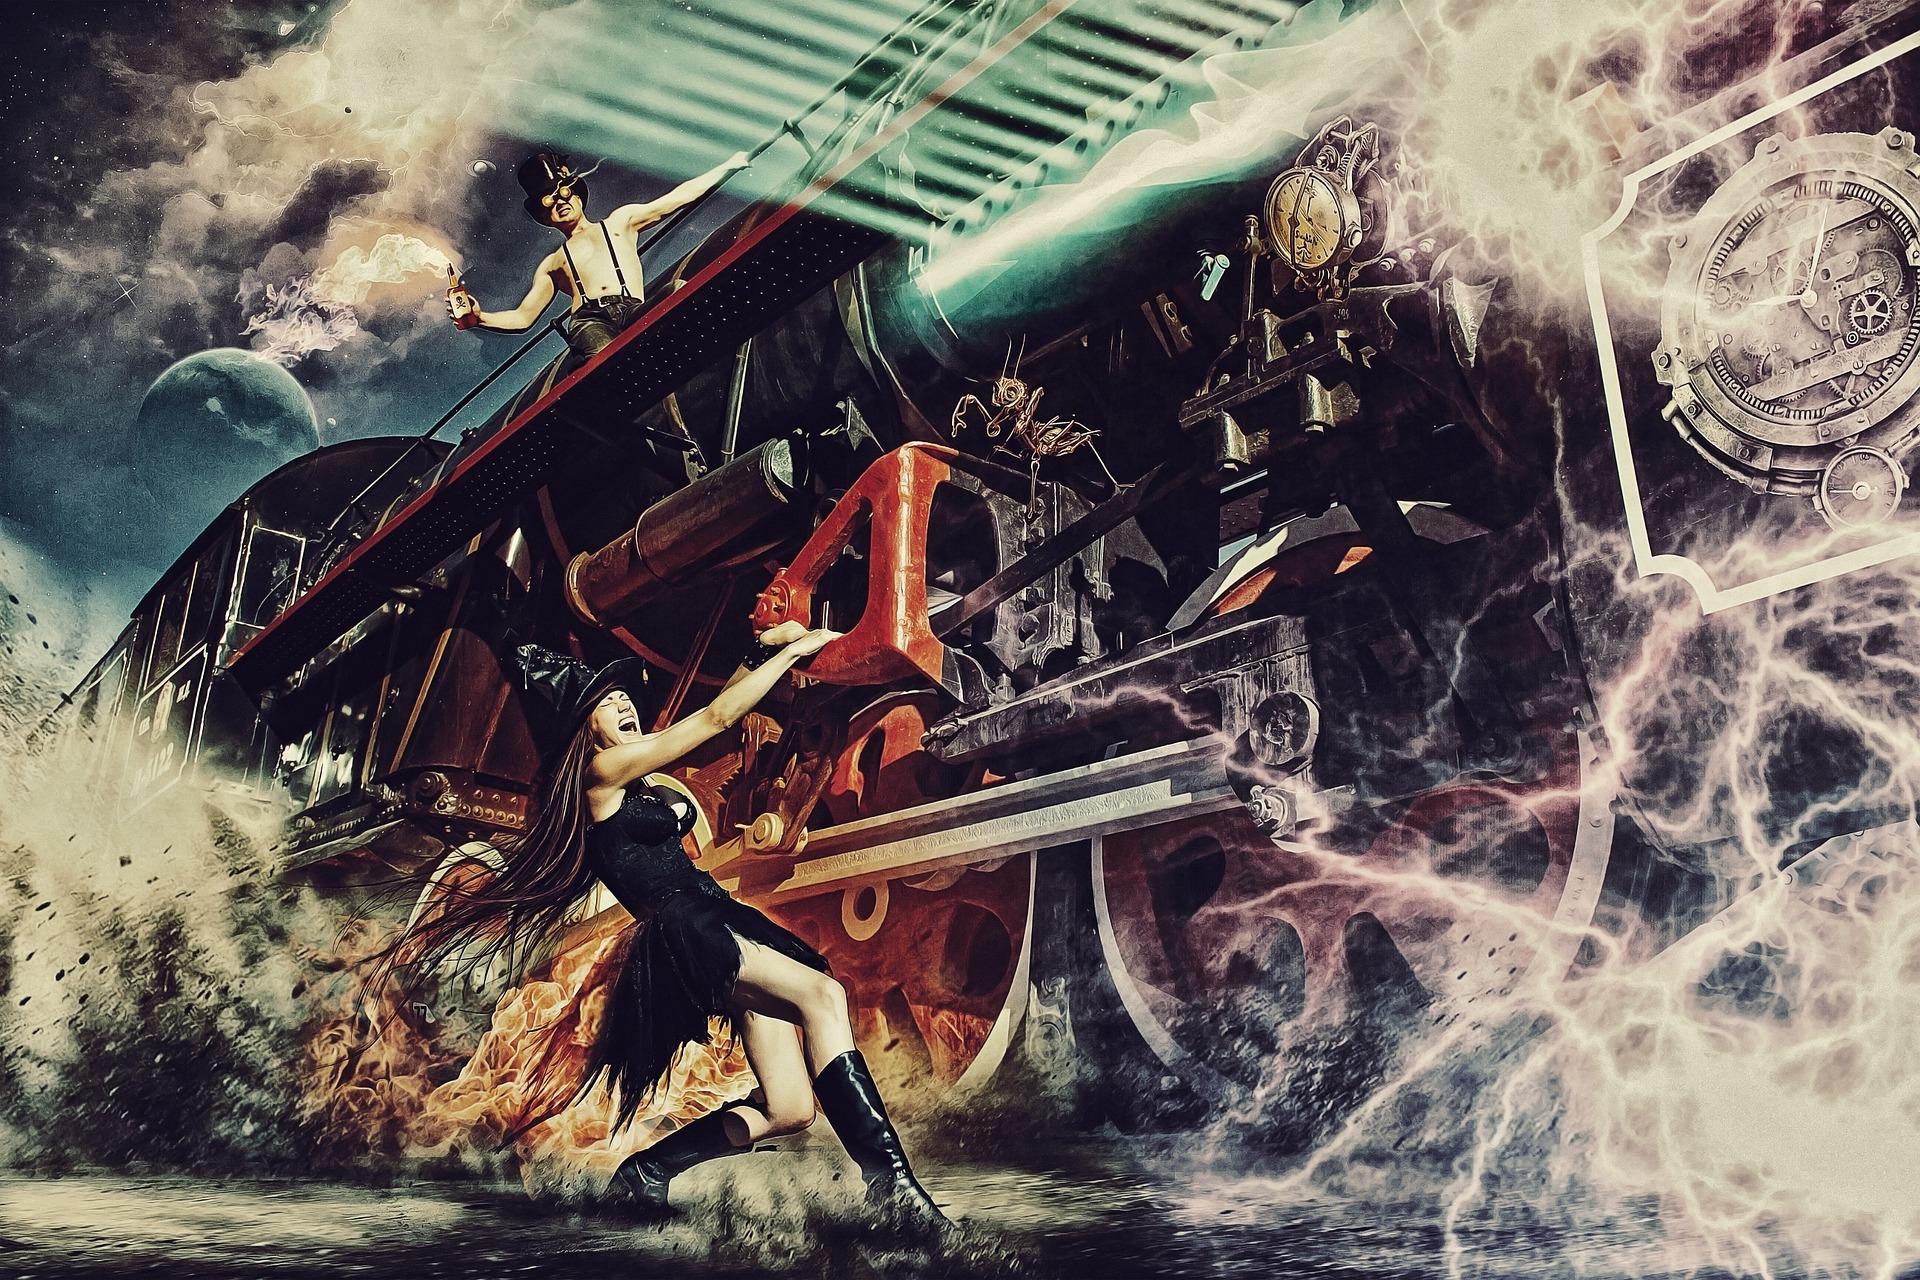 魔女, 鉄道, 火, タイムマシン, シュールです, ポータル, 電気 - HD の壁紙 - 教授-falken.com